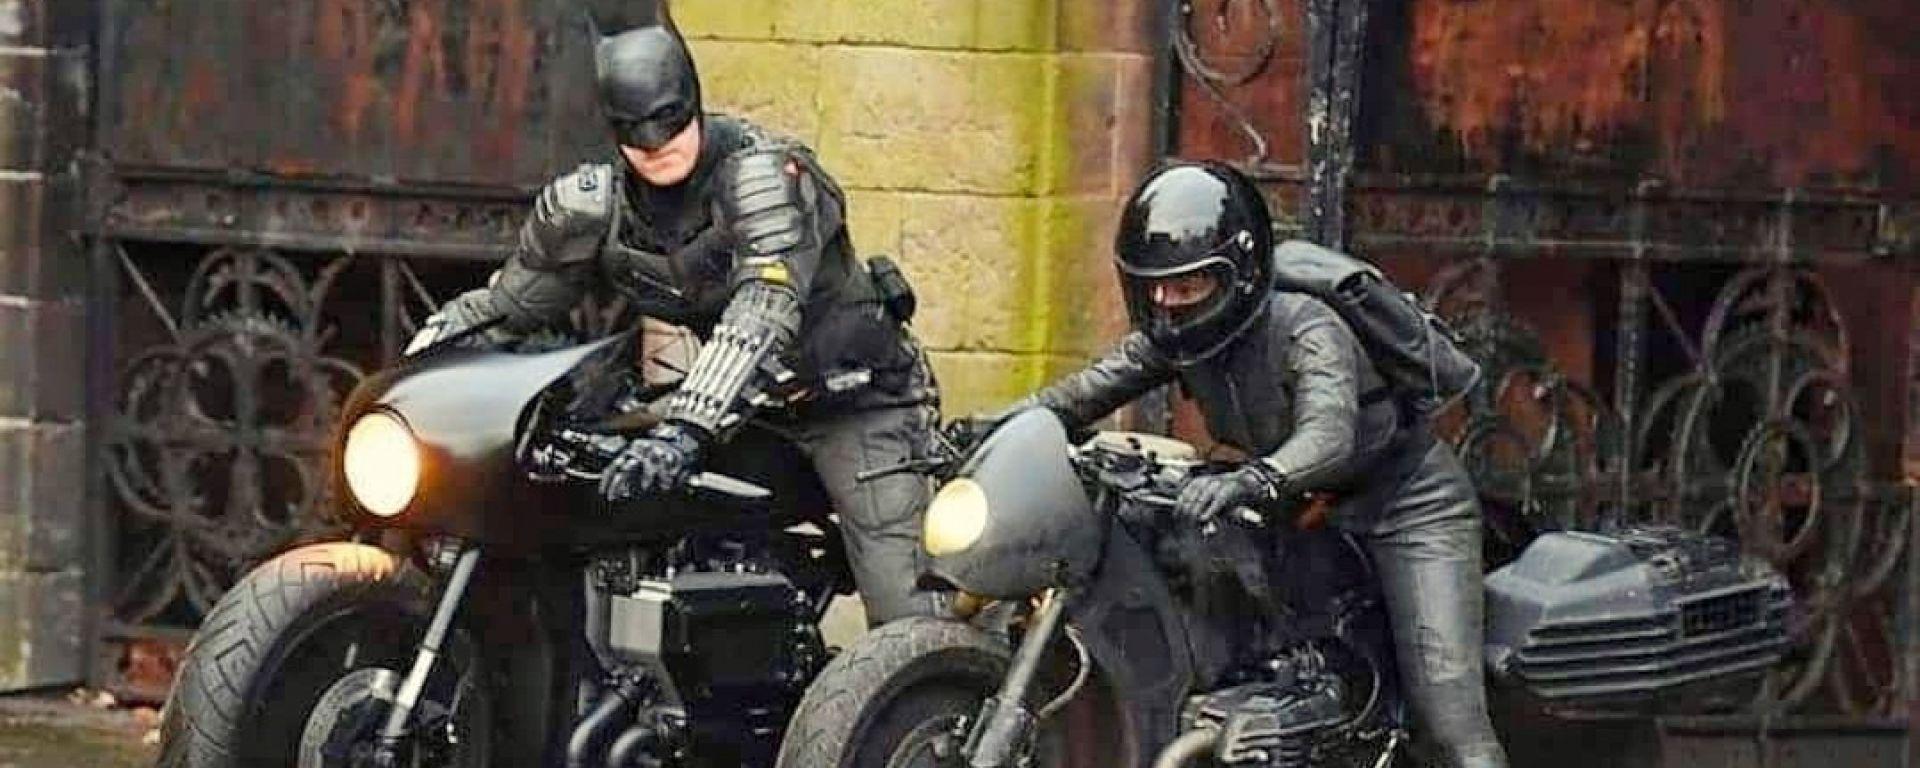 Le moto di The Batman con Robert Pattinson. Foto e video